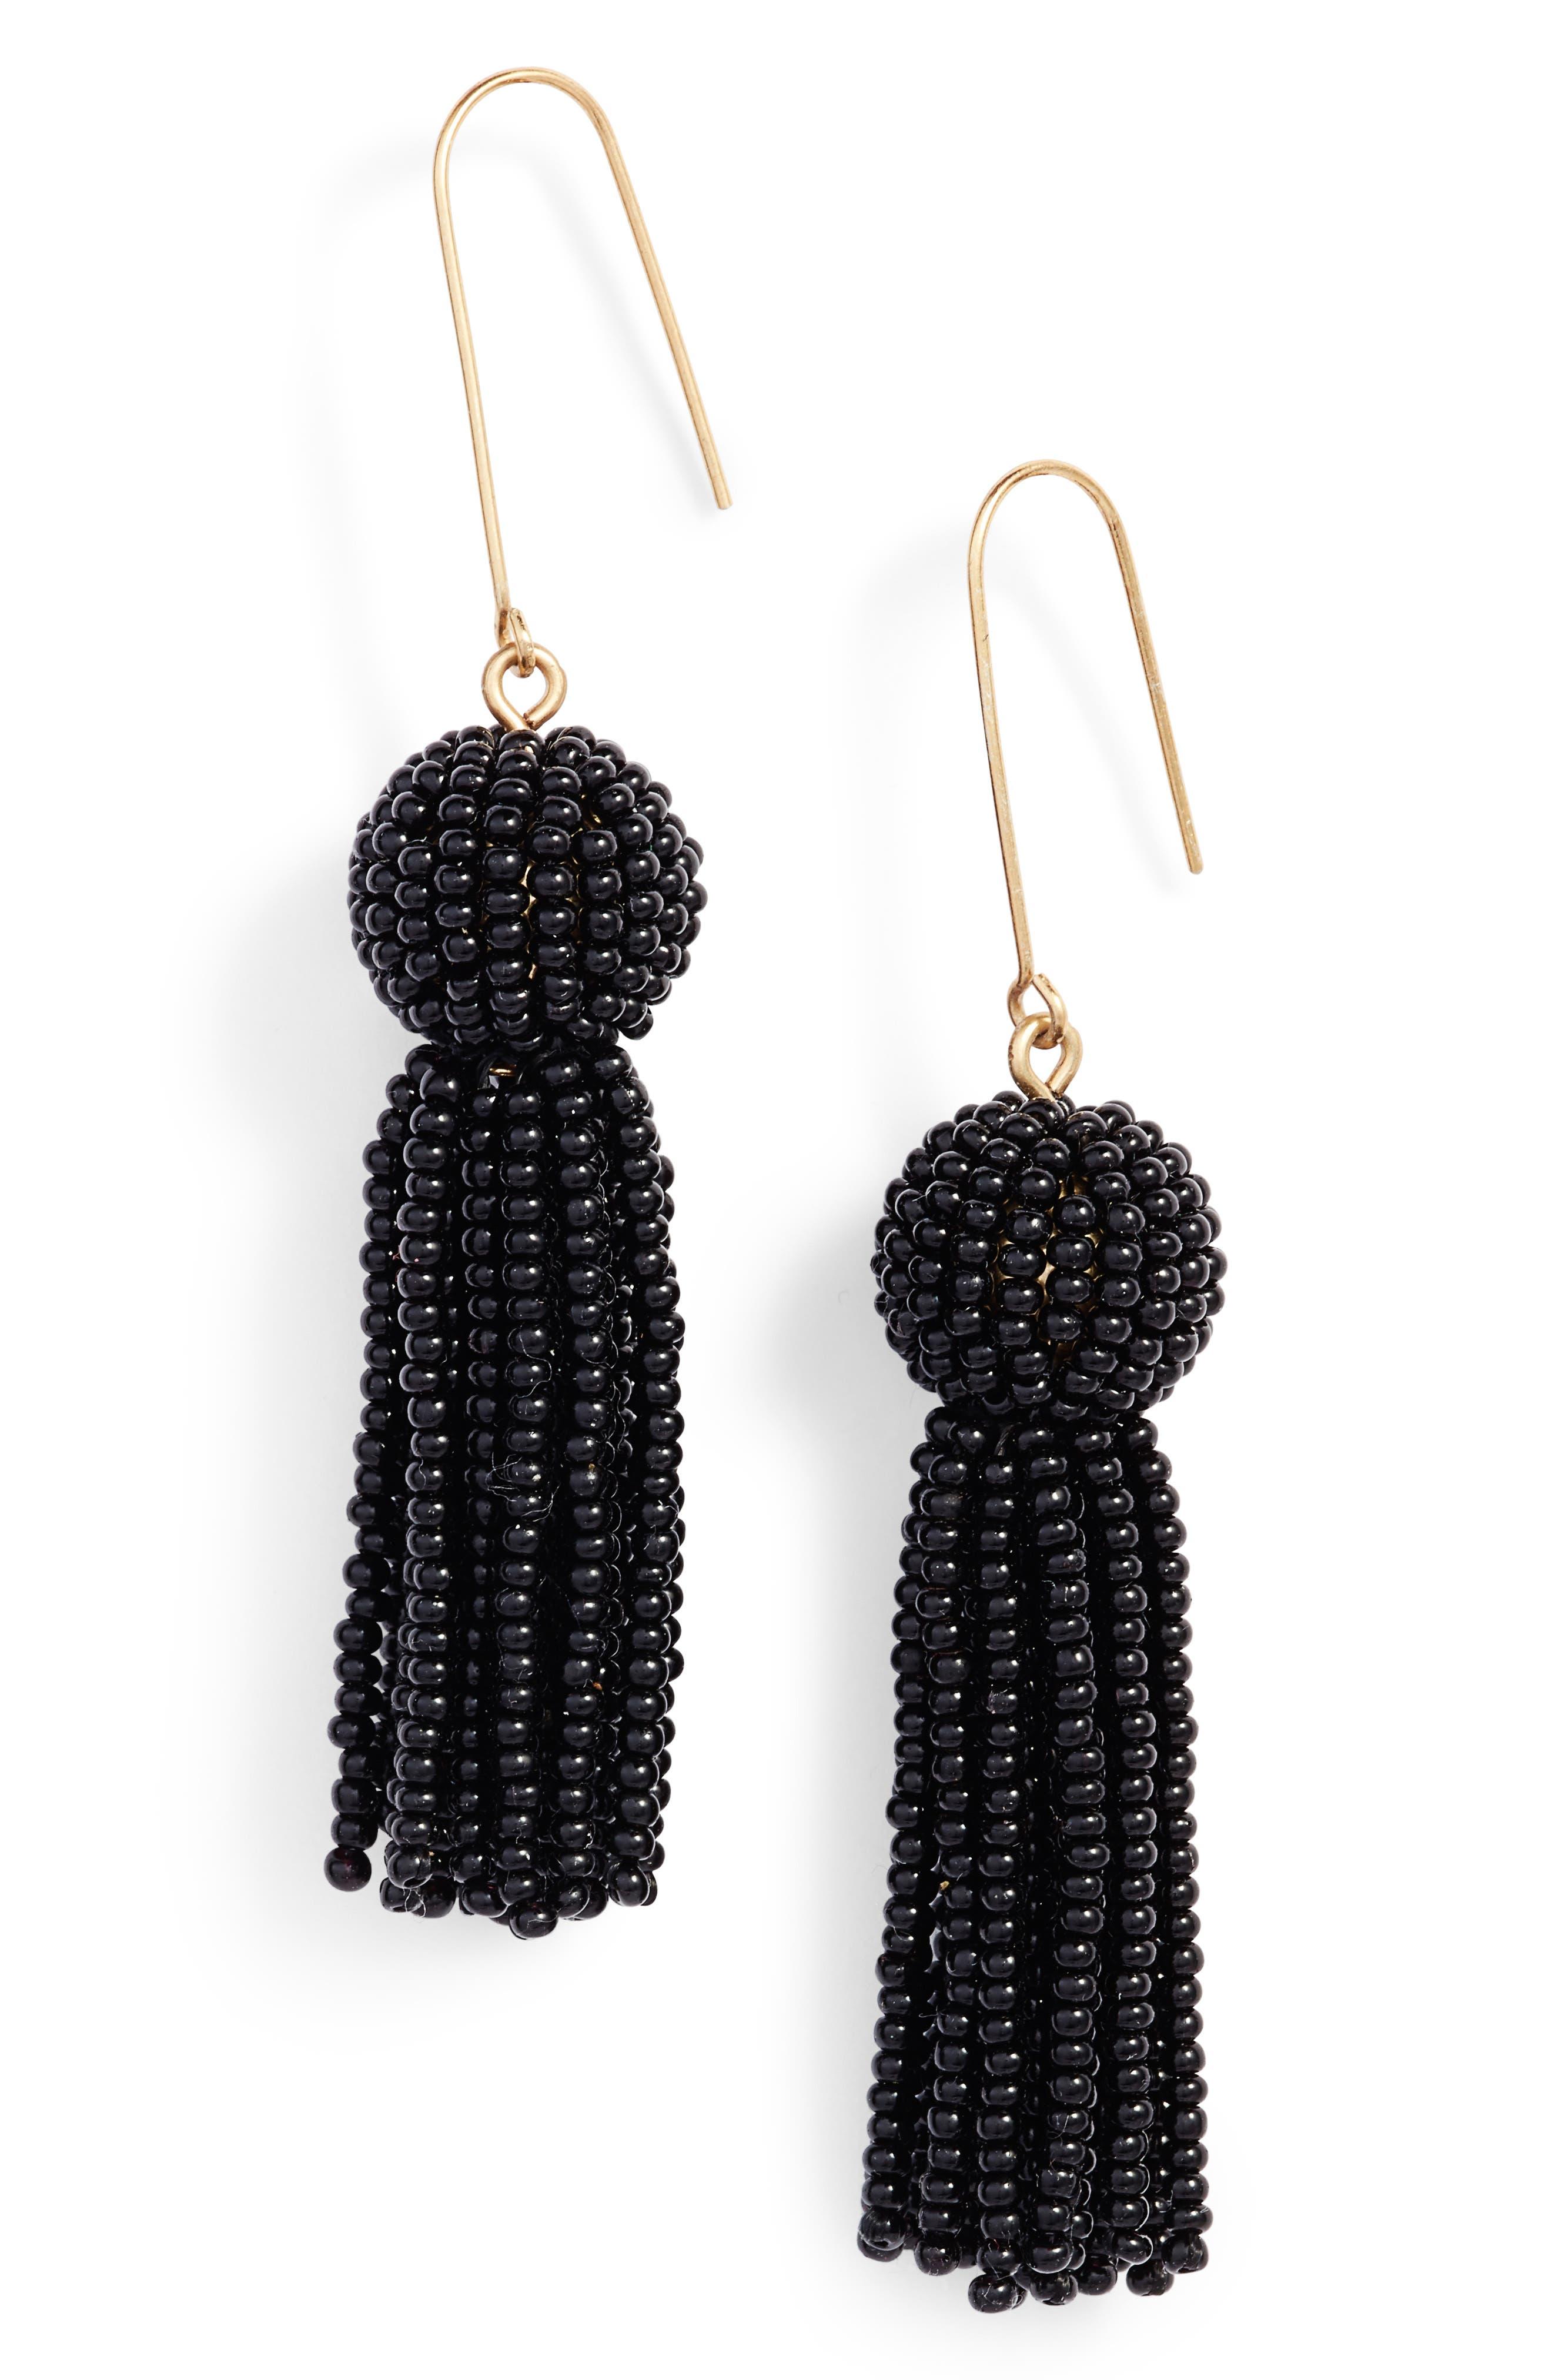 Bead Tassel Drop Earrings,                             Main thumbnail 1, color,                             001